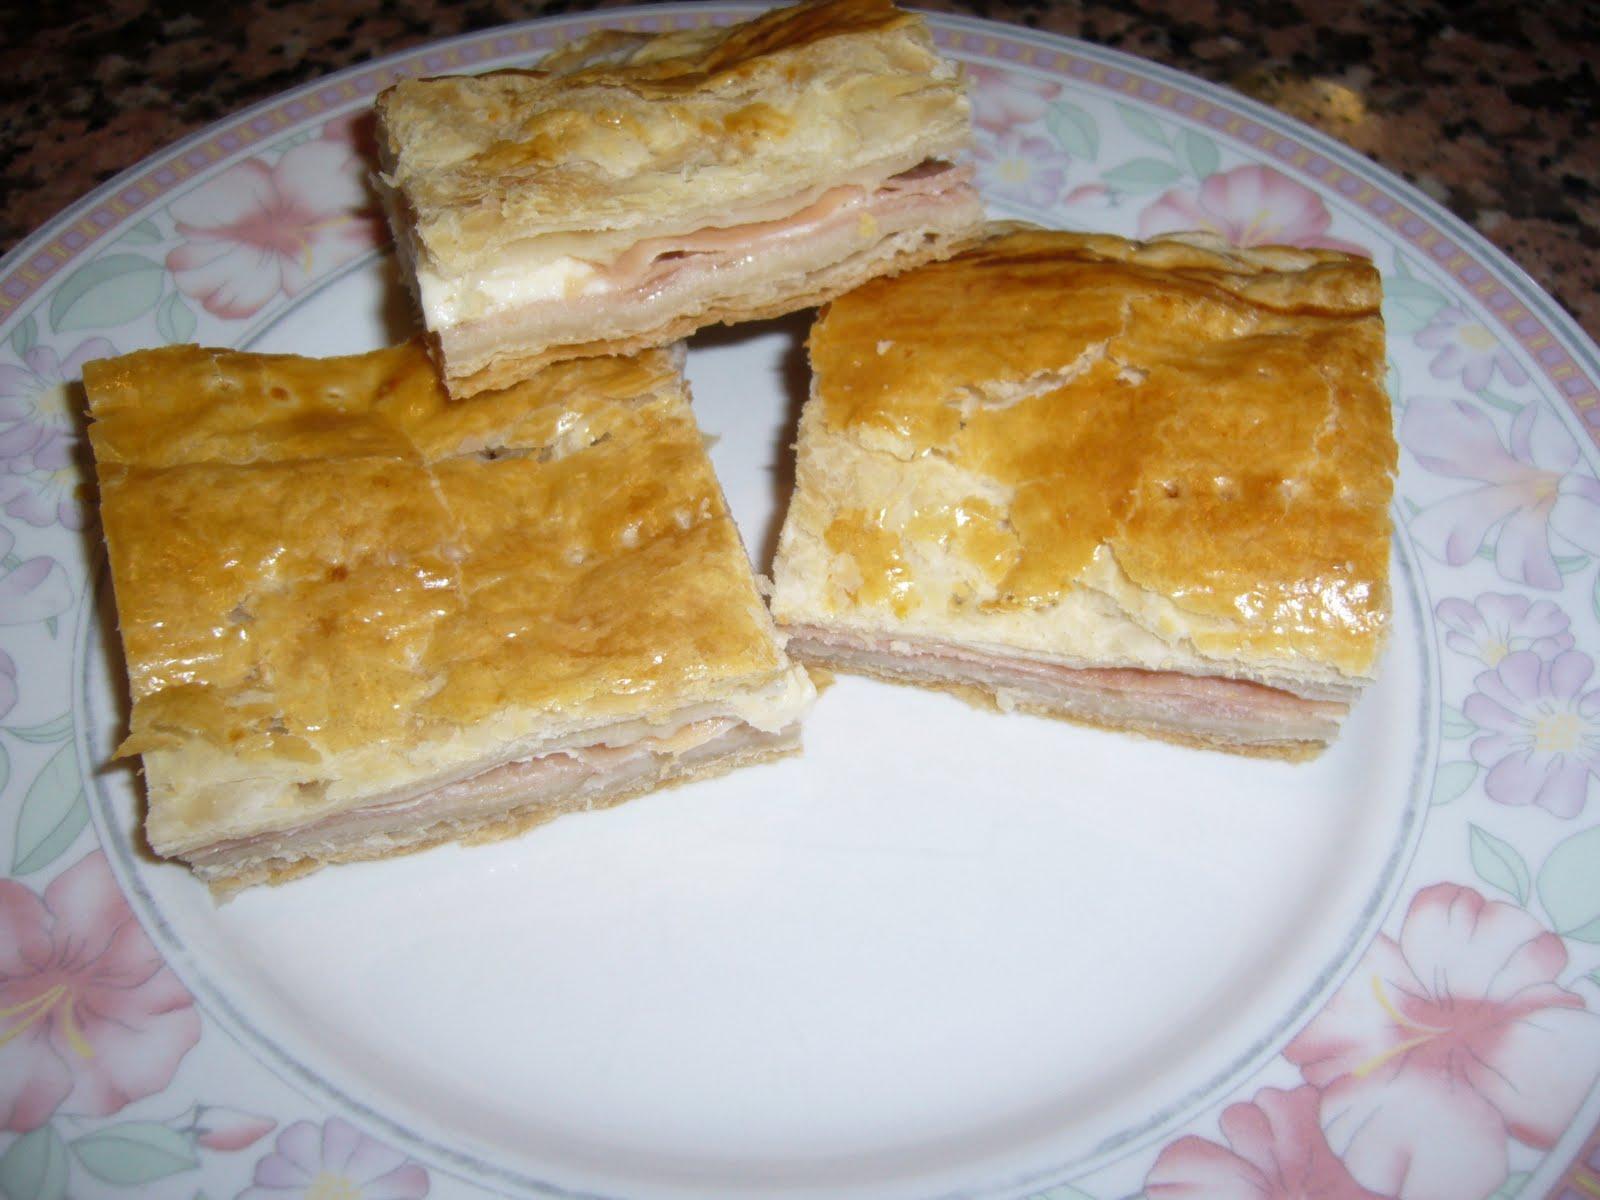 Favoloso Cento Ricette: Torta salata veloce con prosciutto e formaggio MI06